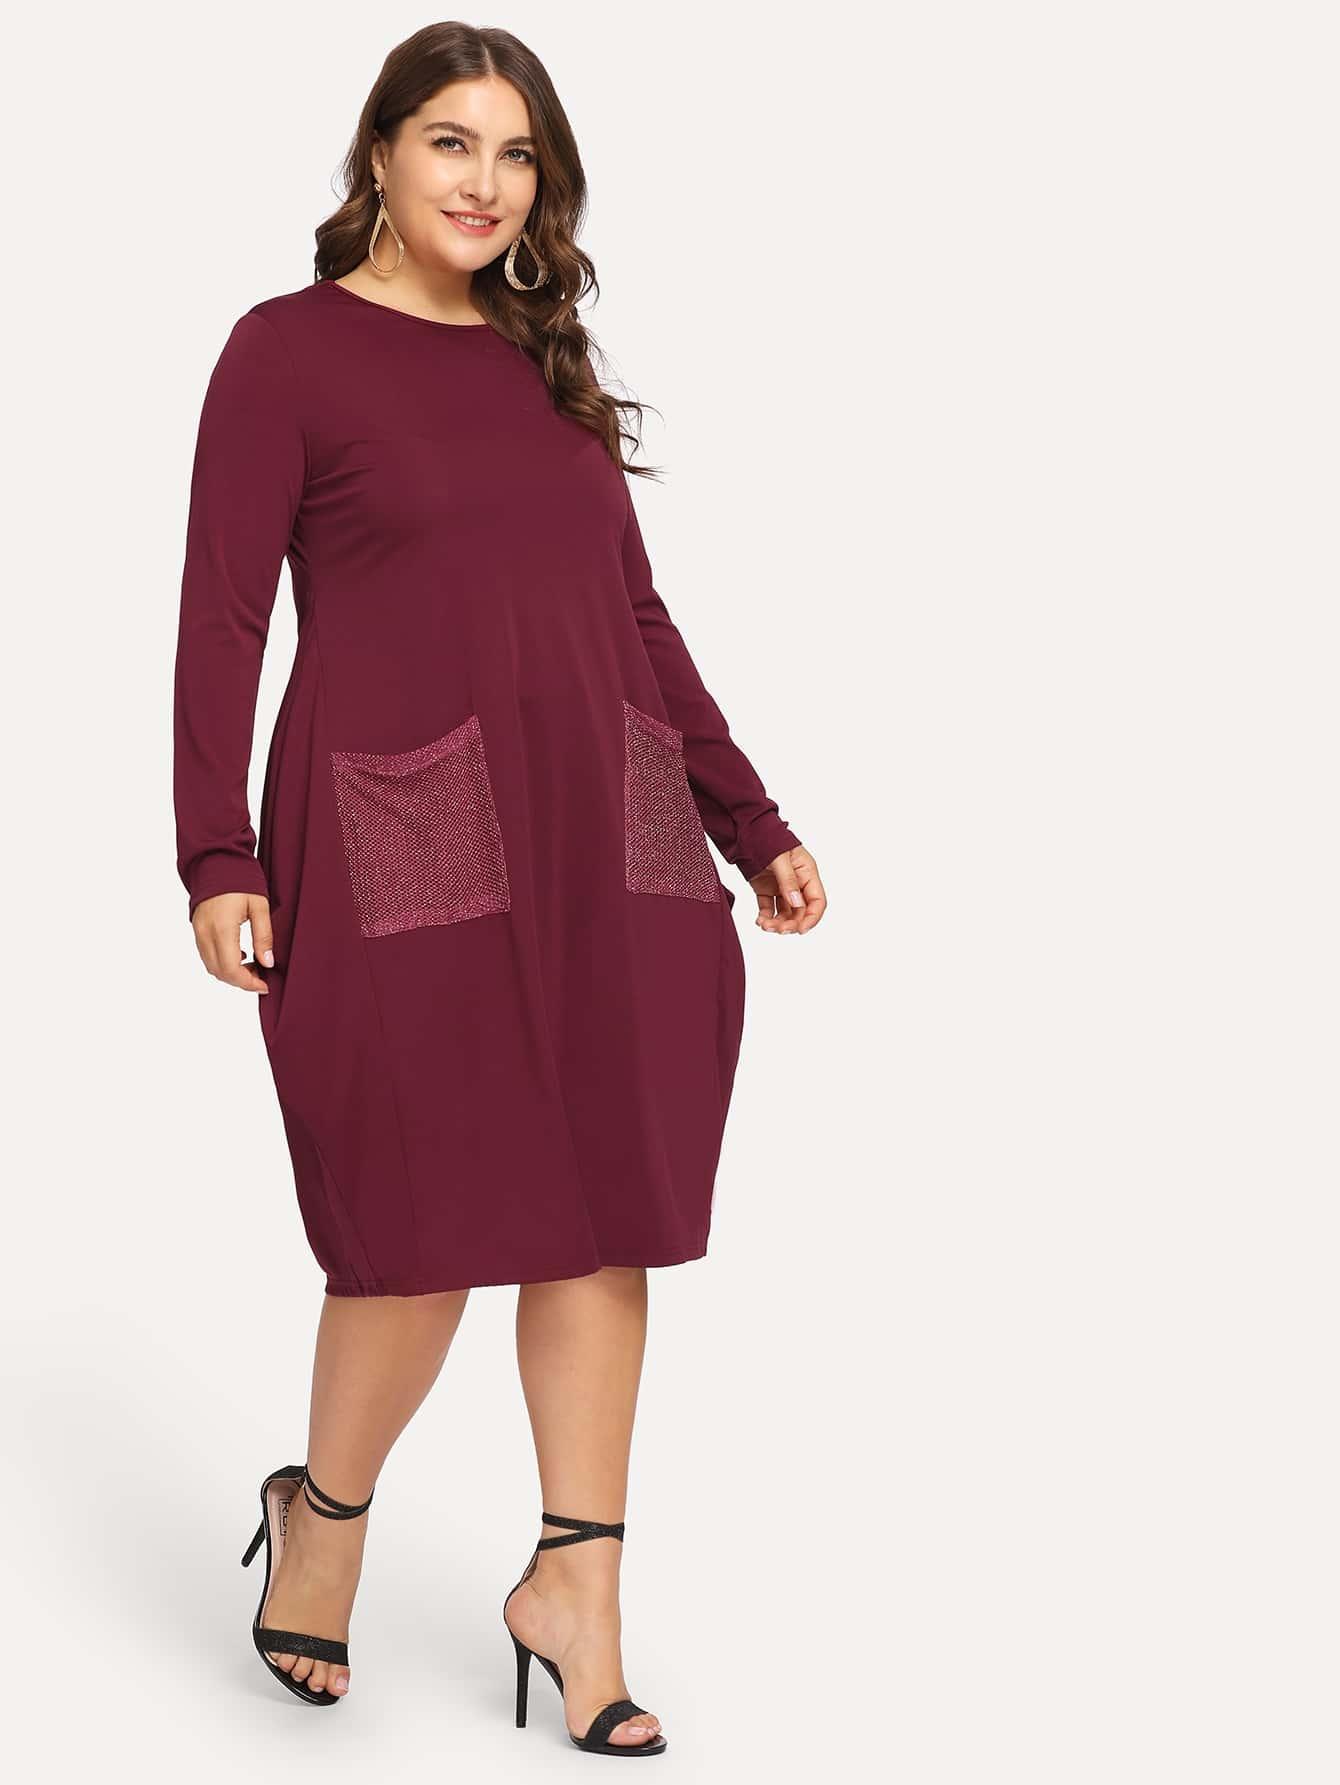 Платье с двойными карманами размера плюс